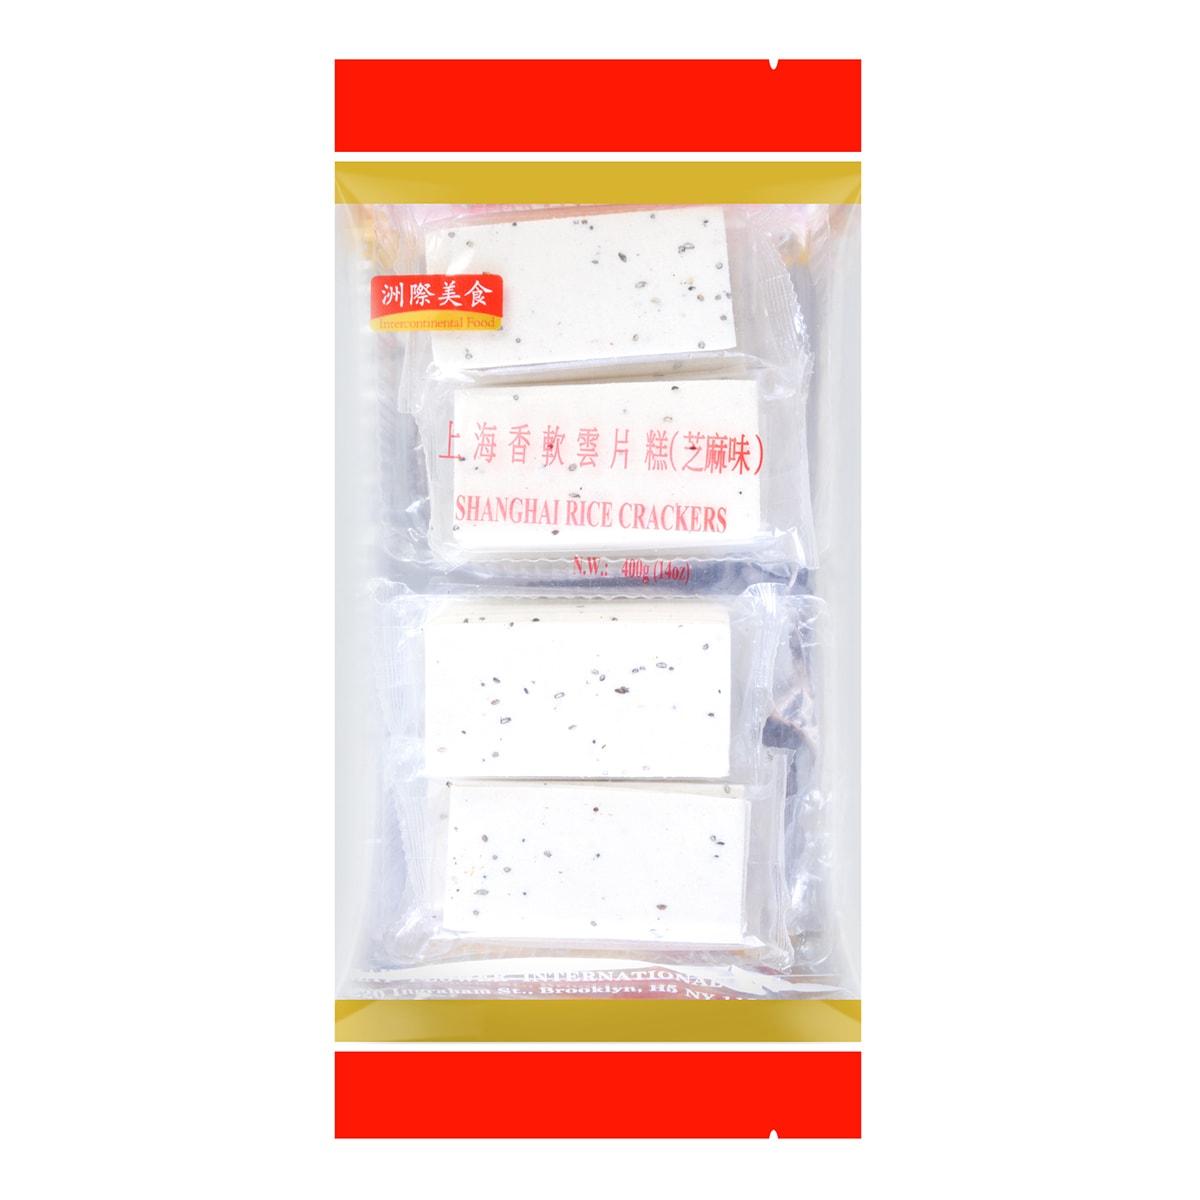 洲际美食 上海香软云片糕 芝麻味 400g